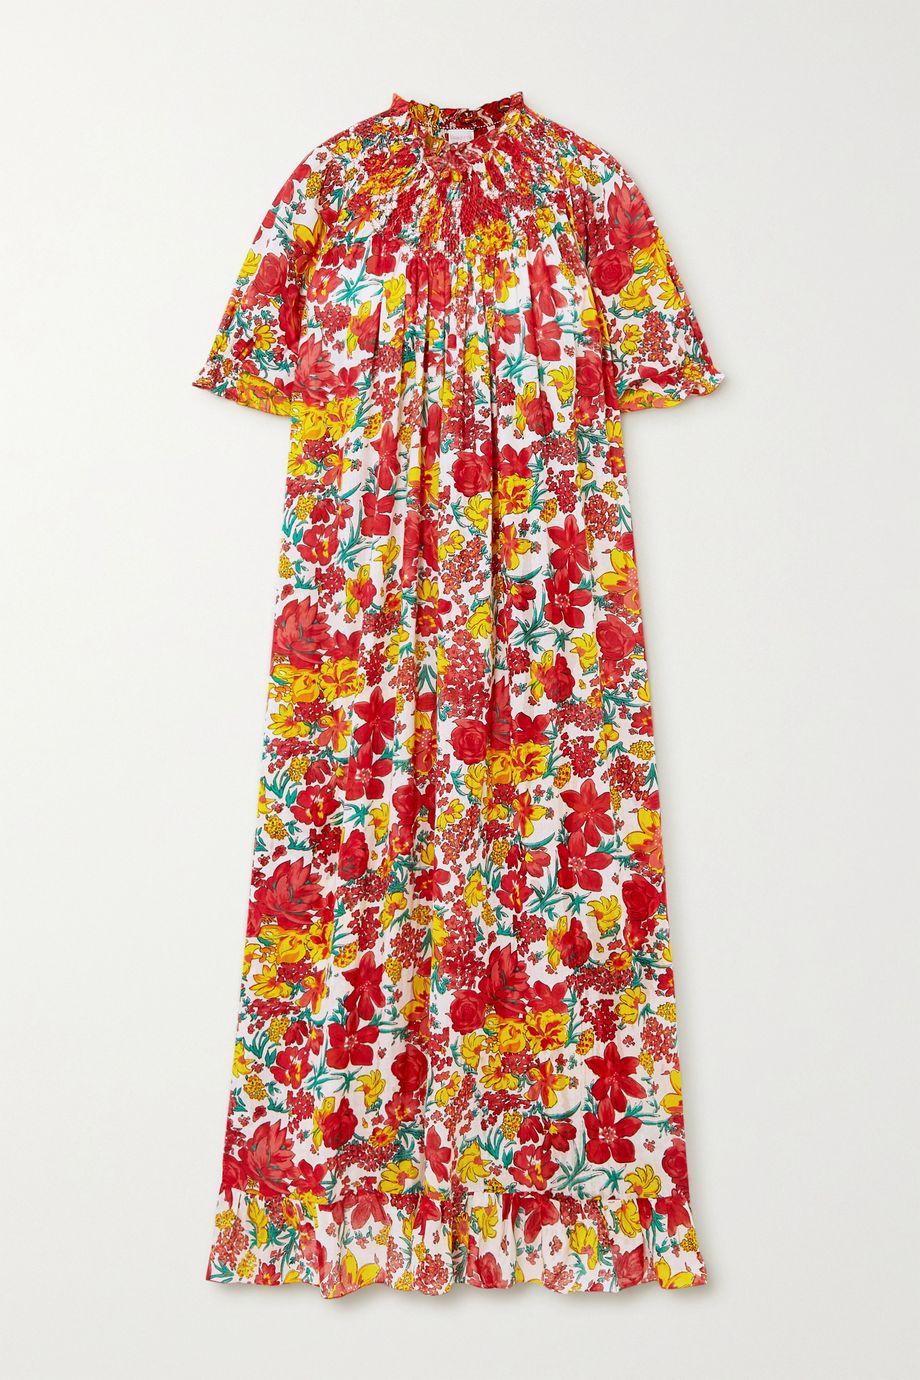 Loretta Caponi Loretta ruffled shirred floral-print cotton-voile midi dress